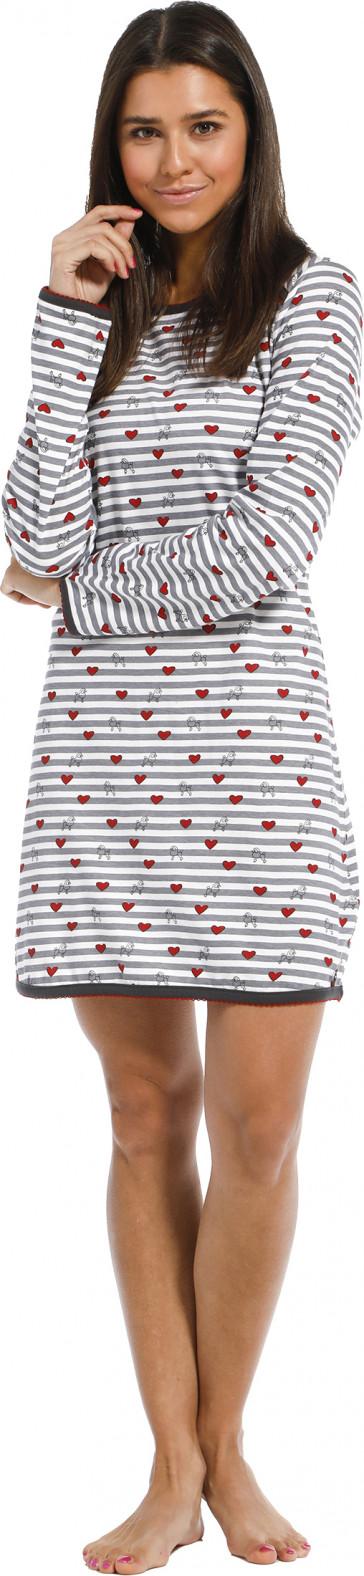 Dames nachthemd Rebelle 11212-400-2